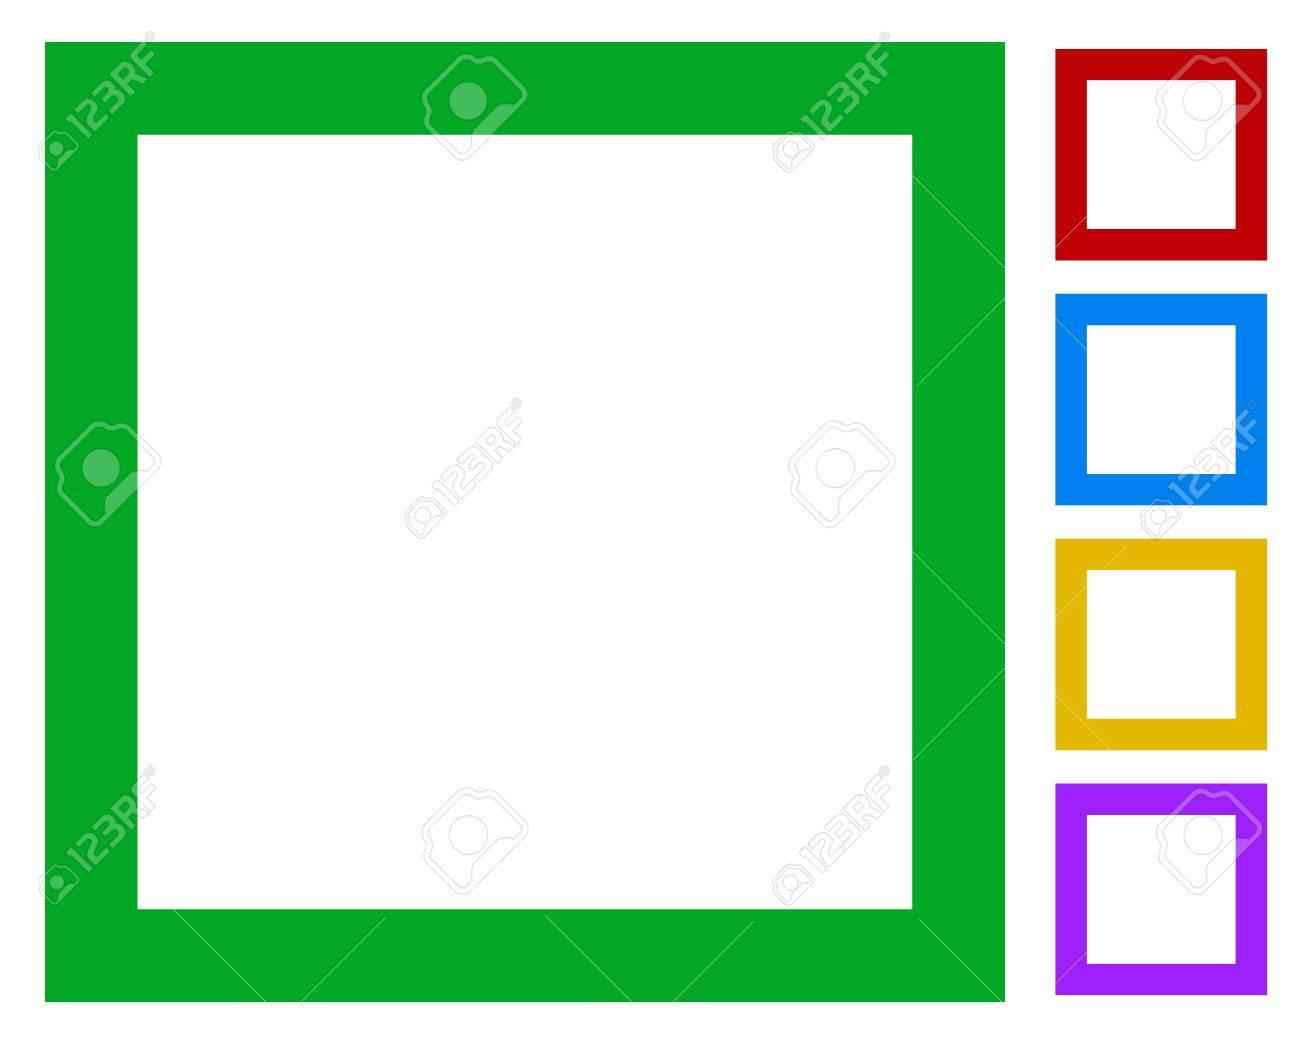 Fantastisch Grundlegende Schaltplansymbole Zeitgenössisch - Die ...